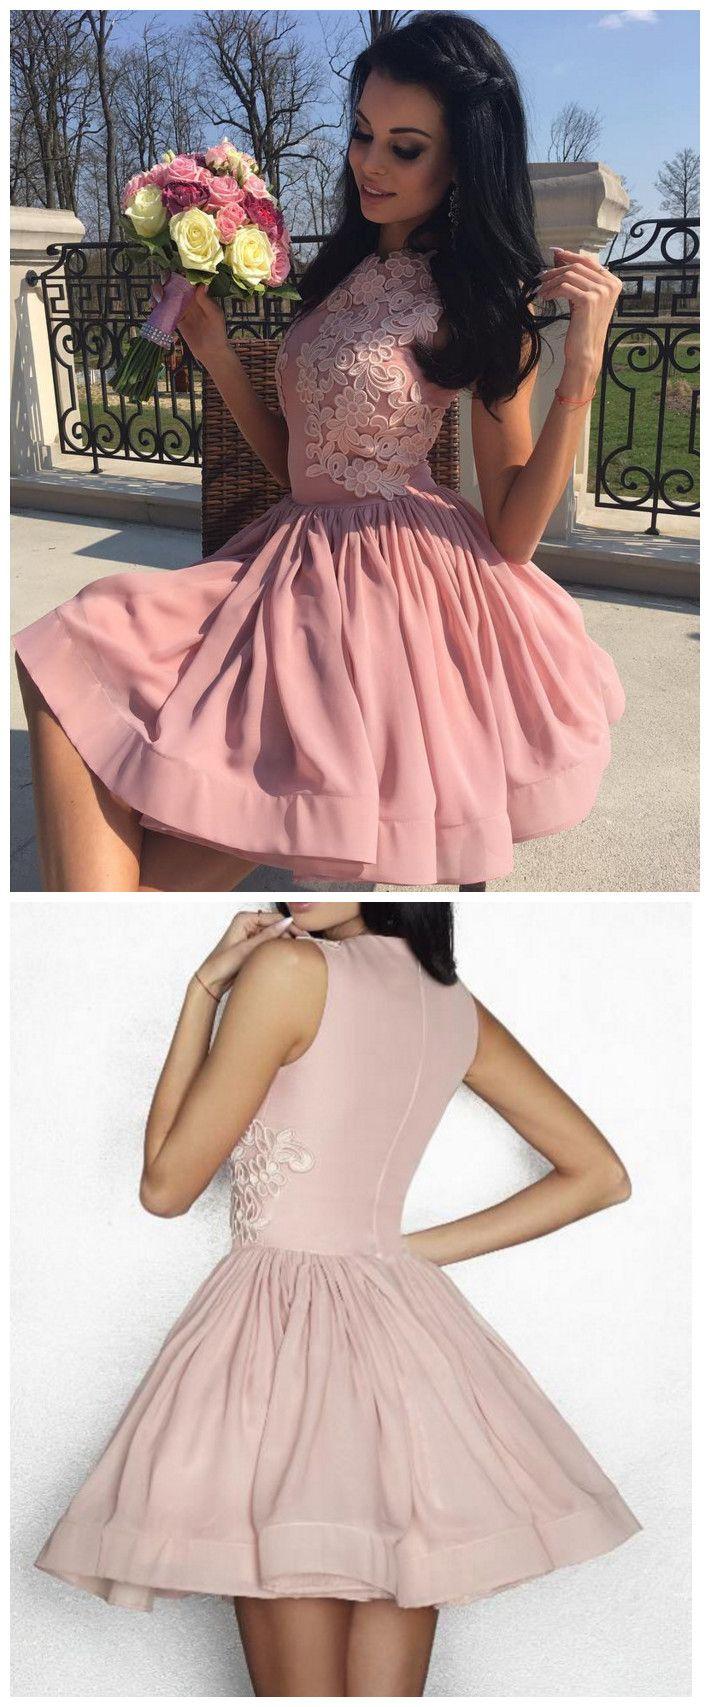 Pin de roxi en Vestidos | Pinterest | Moda ropa, Vestiditos y ...